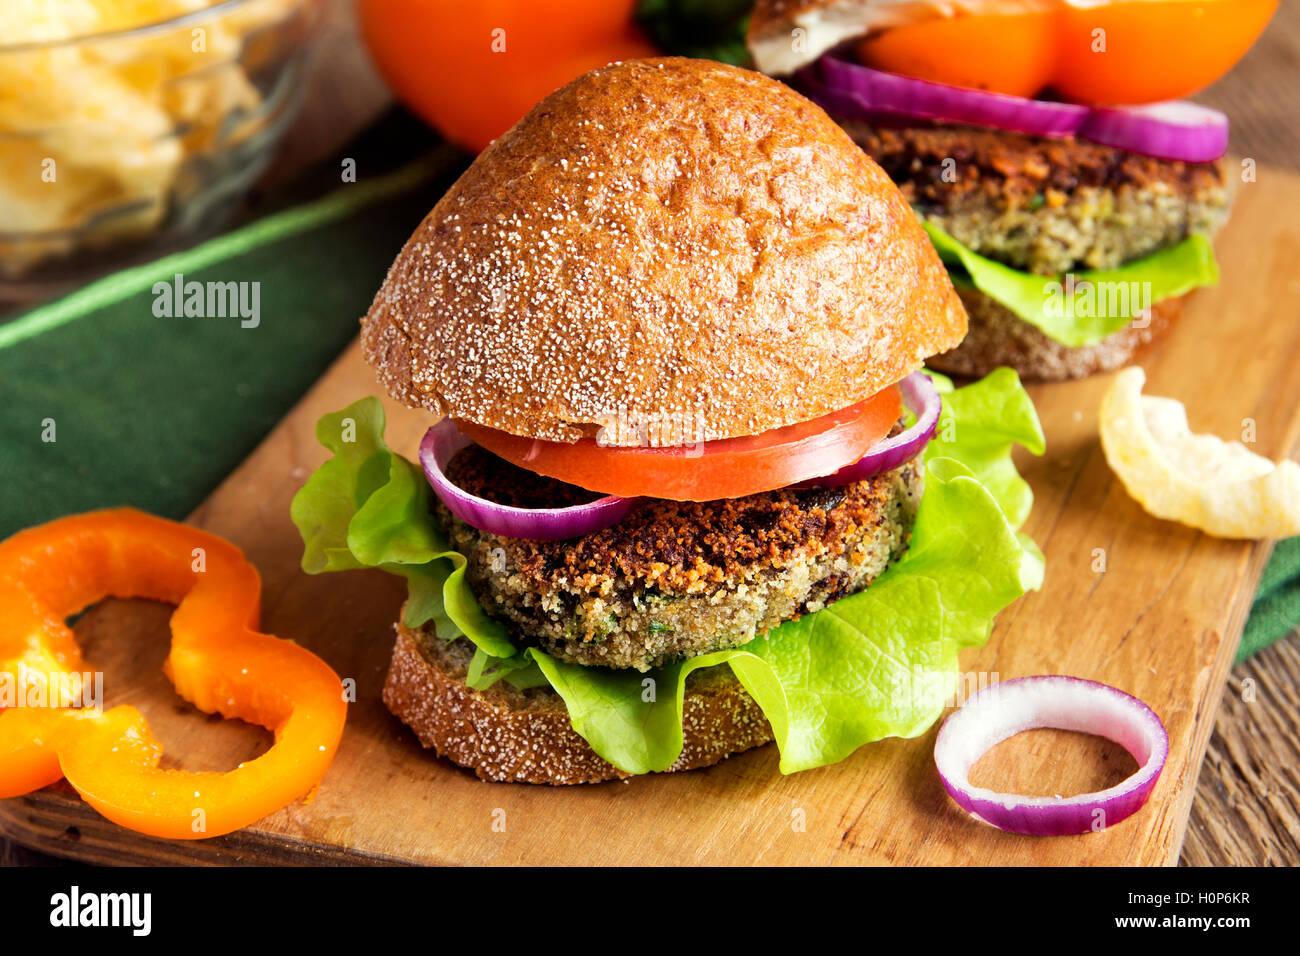 Vegetariano burger di lenticchie con verdure sul tagliere di legno - una sana gustosi snack vegetariano (Cibo, pranzo) Immagini Stock